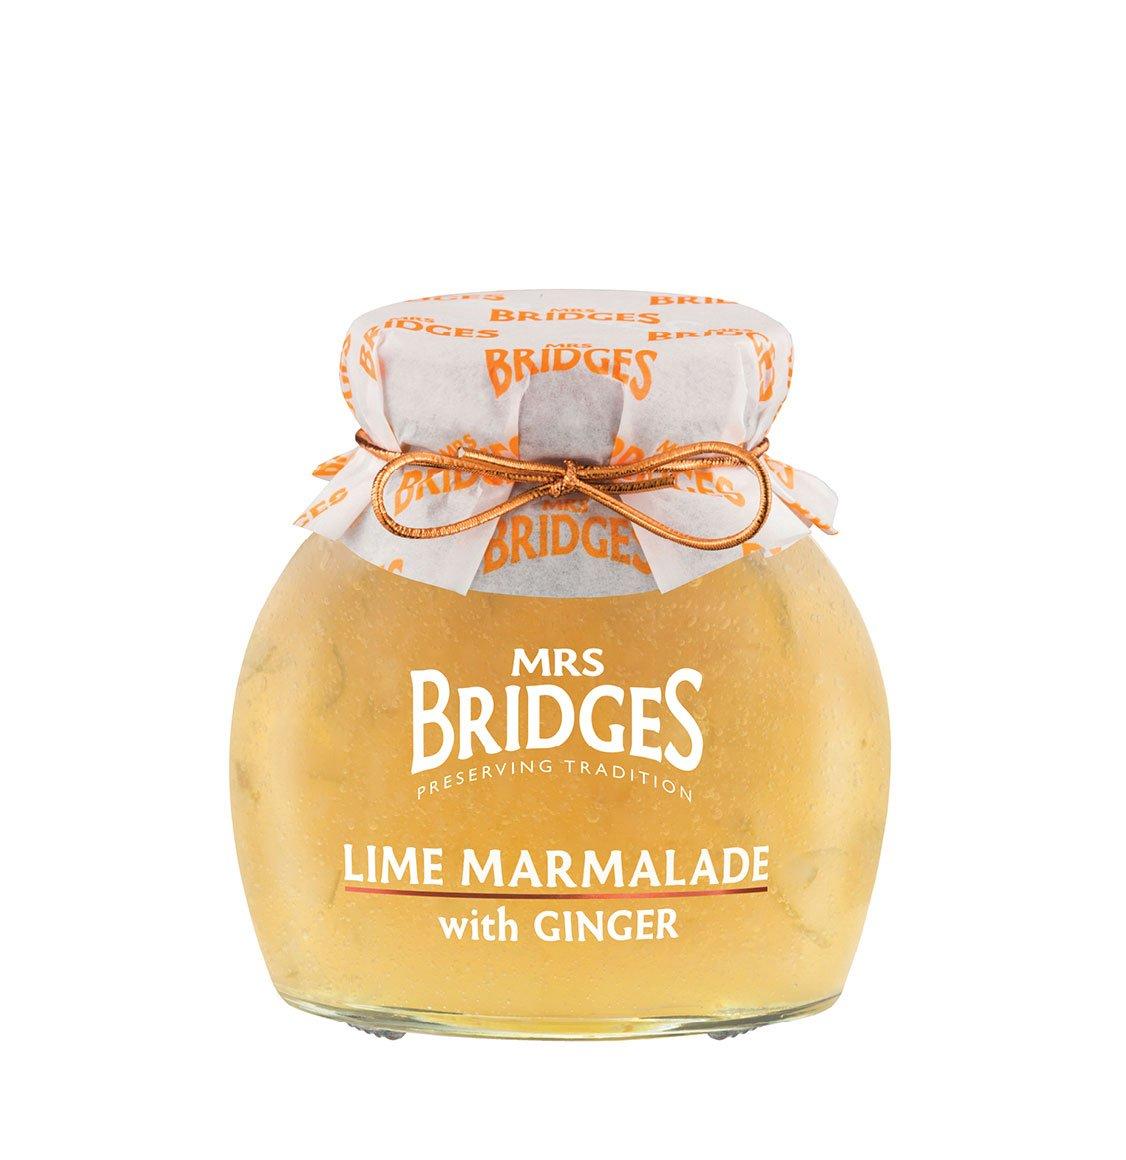 Mrs Bridges Μαρμελάδα Lime Με Ginger 340g